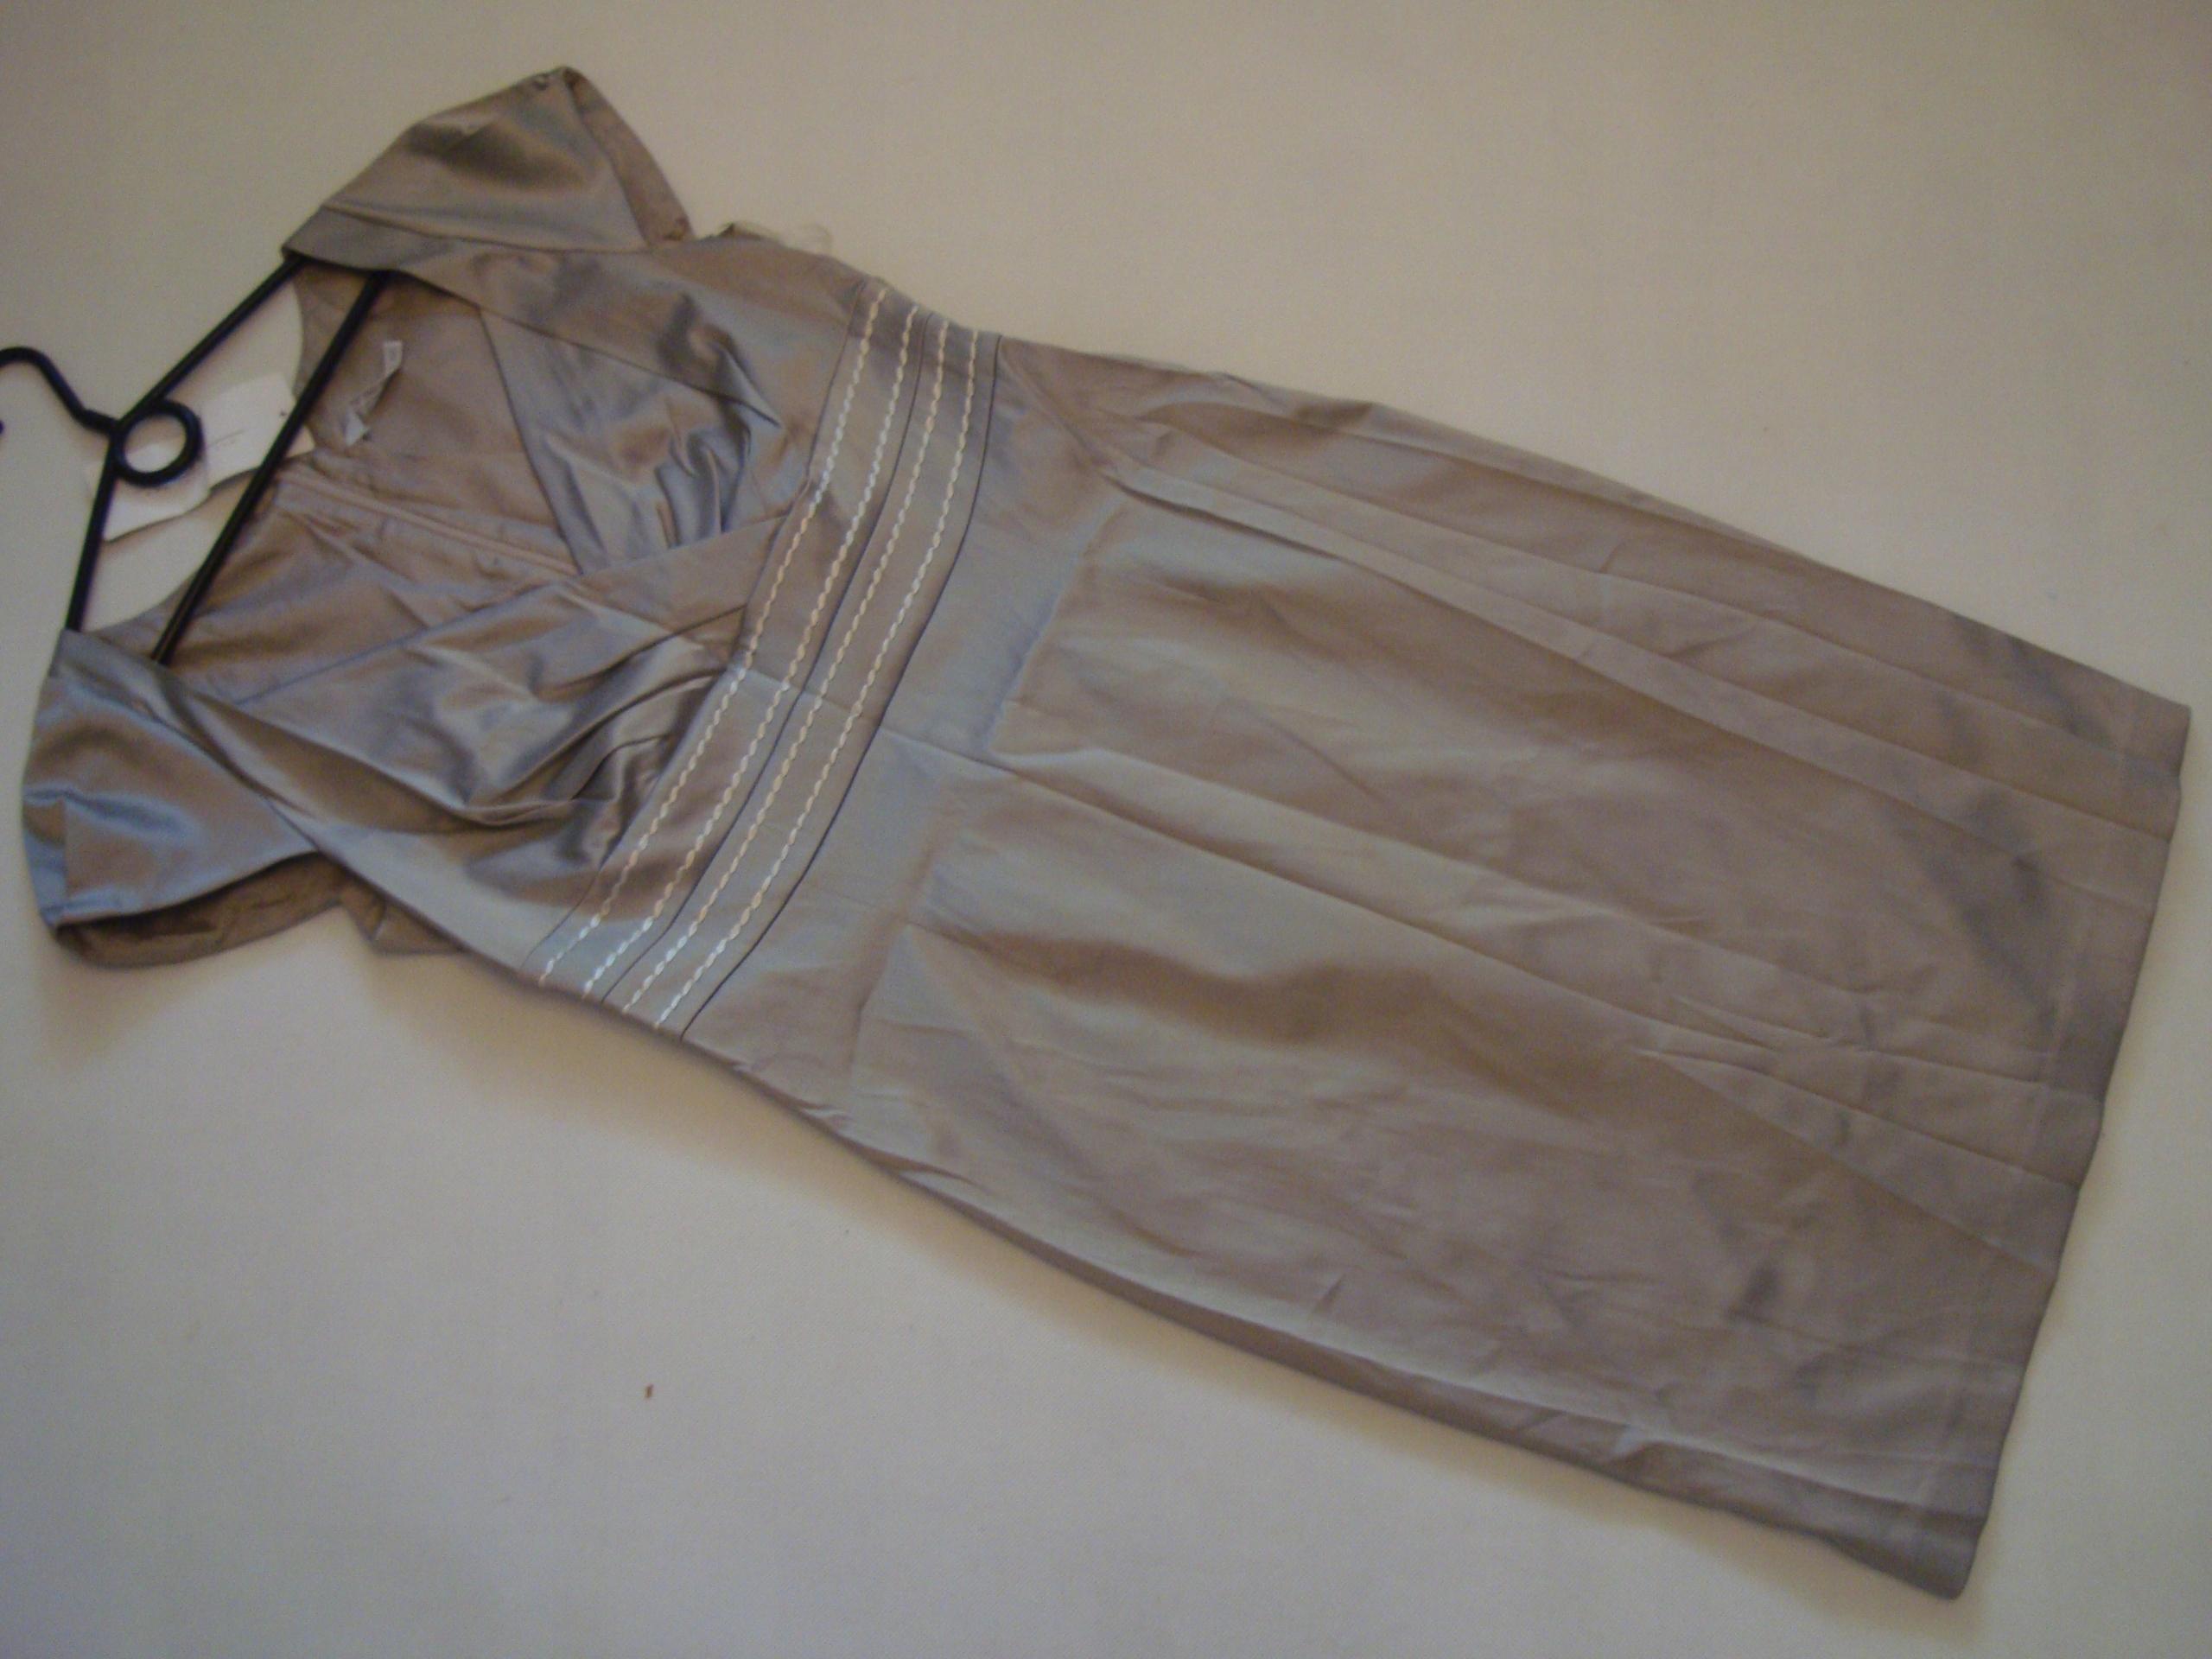 c8c9f0b3d9 EKSKLUZYWNA beżowa sukienka TARANKO r.40 7444741053 - Allegro.pl